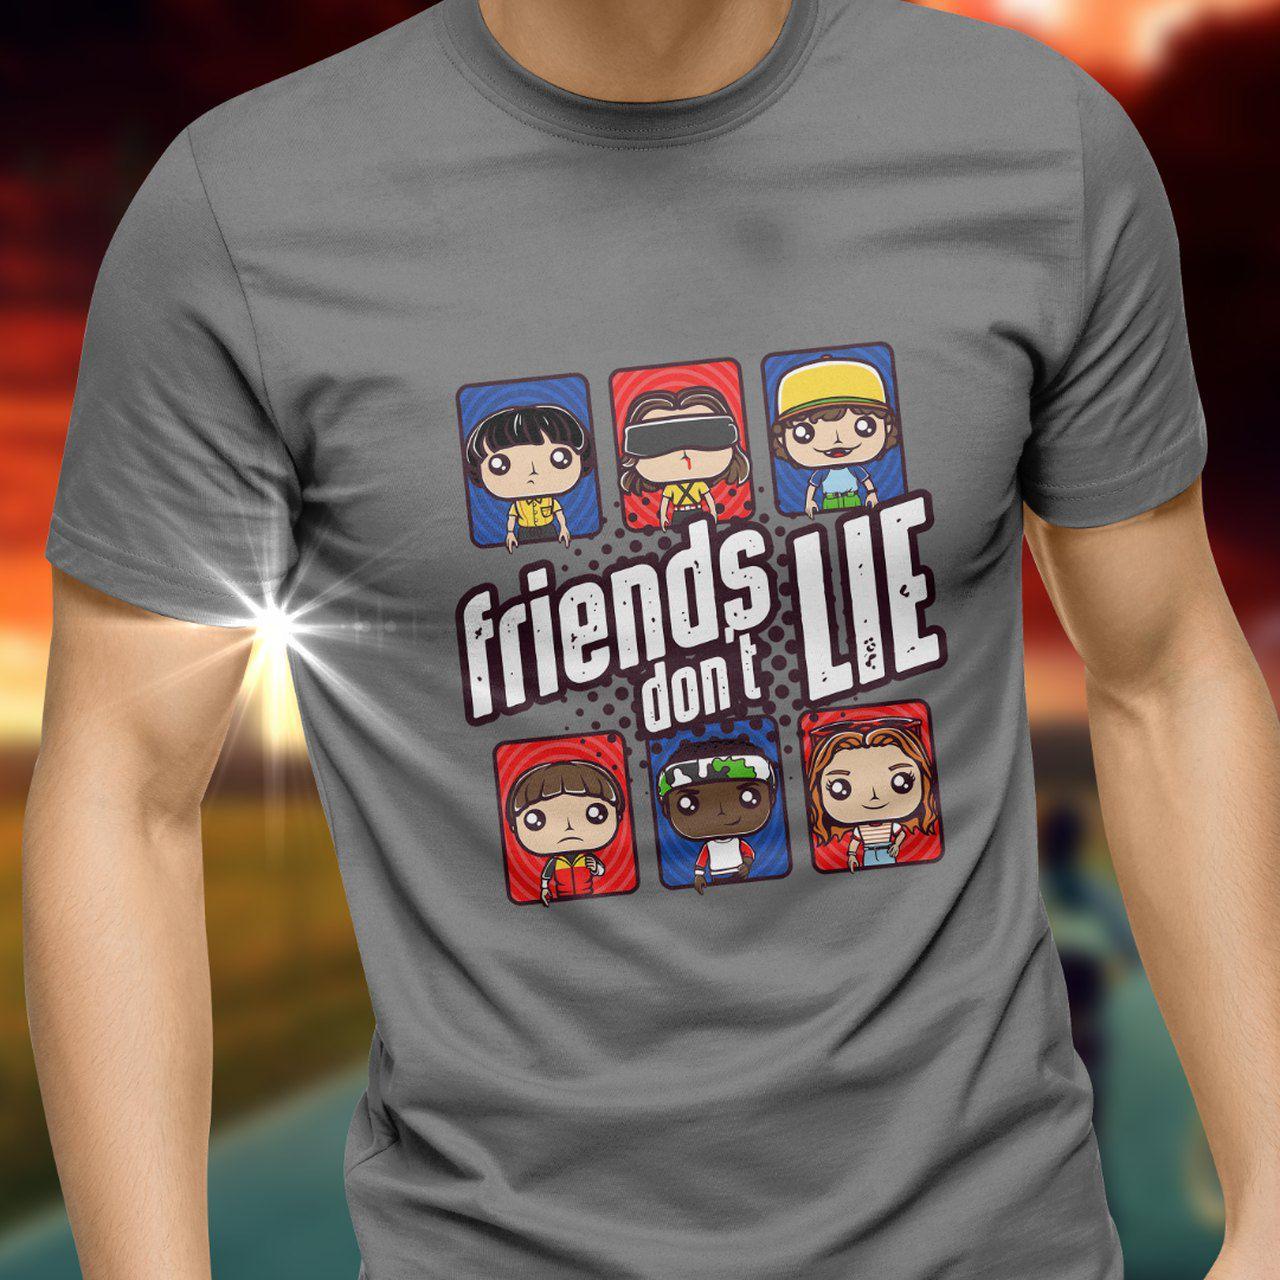 Camiseta Unissex Friends Don't Lie: Stranger Things Tamanho G